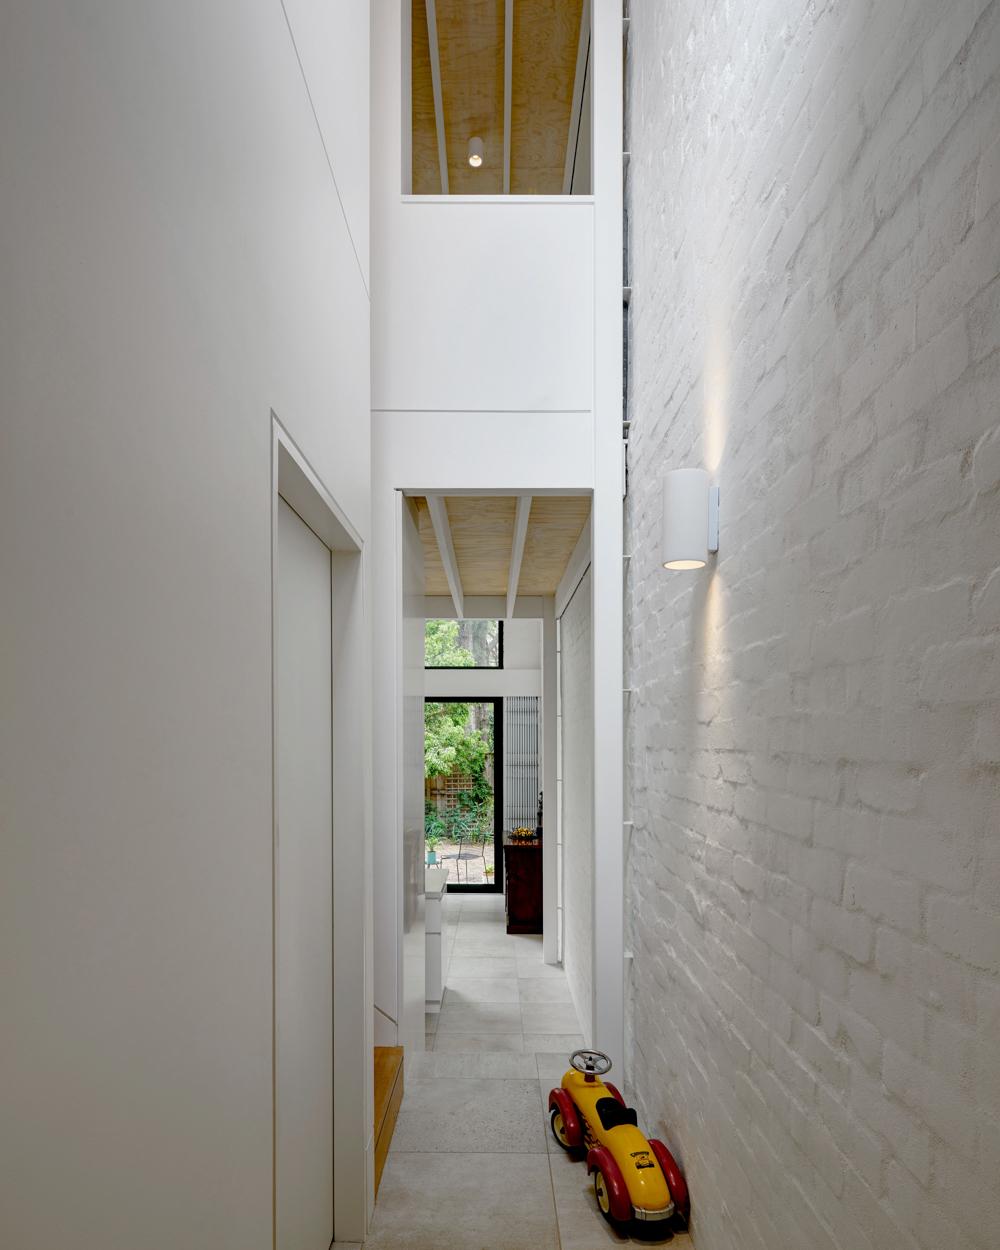 brick-aperture-house-kreis-grennan-architecture-the-design-emotive-10.jpg